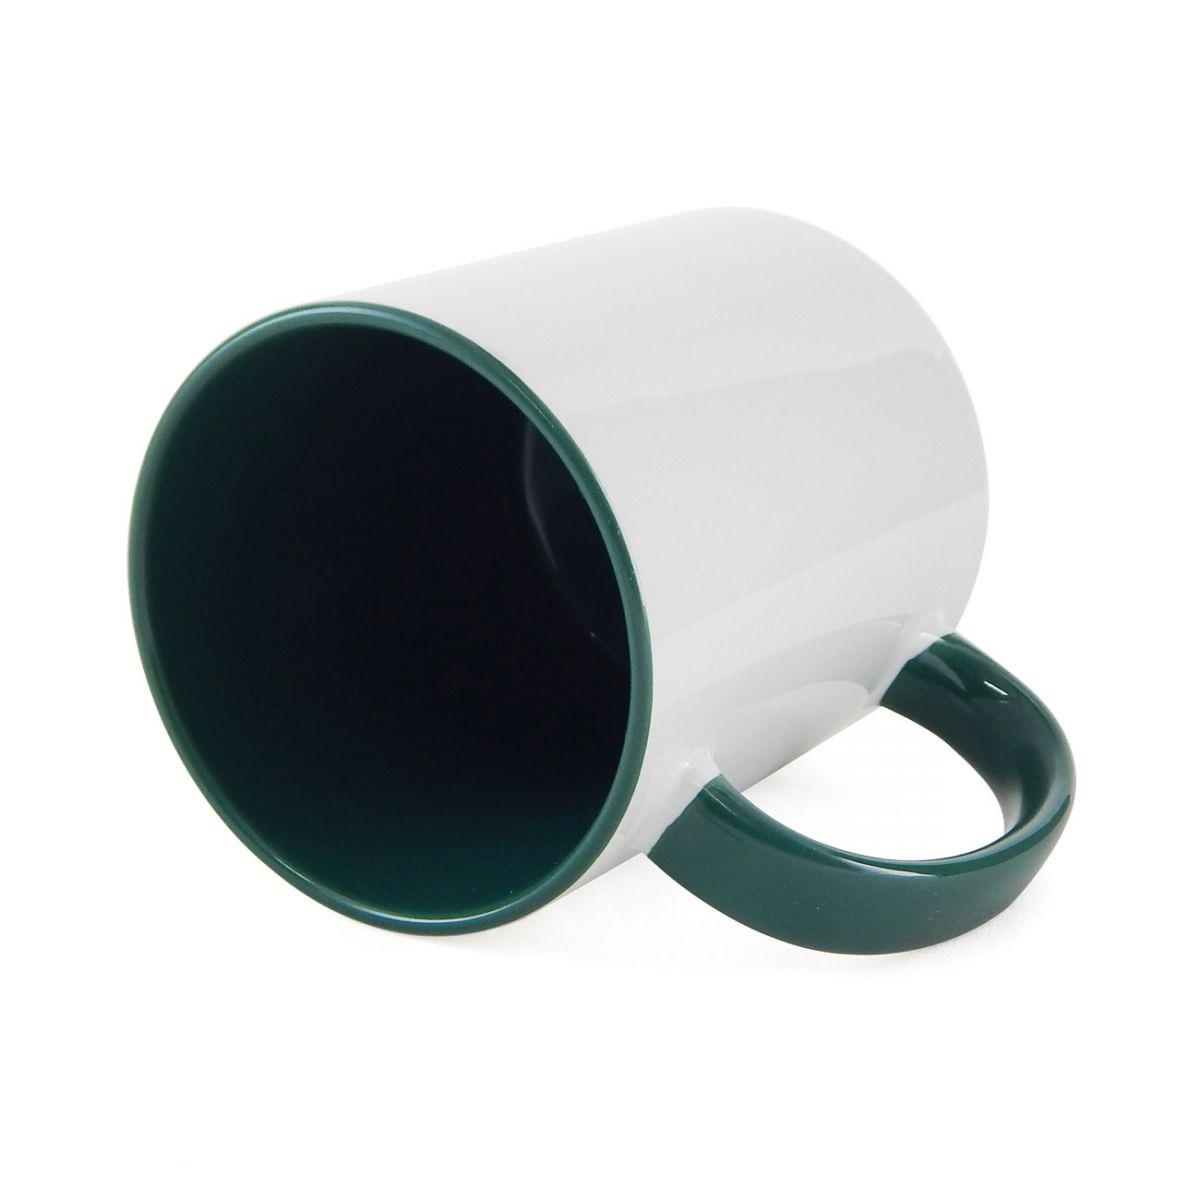 Caneca Alça e Interior Verde Escuro Resinada Para Sublimação em Cerâmica  - ALFANETI COMERCIO DE MIDIAS E SUBLIMAÇÃO LTDA-ME